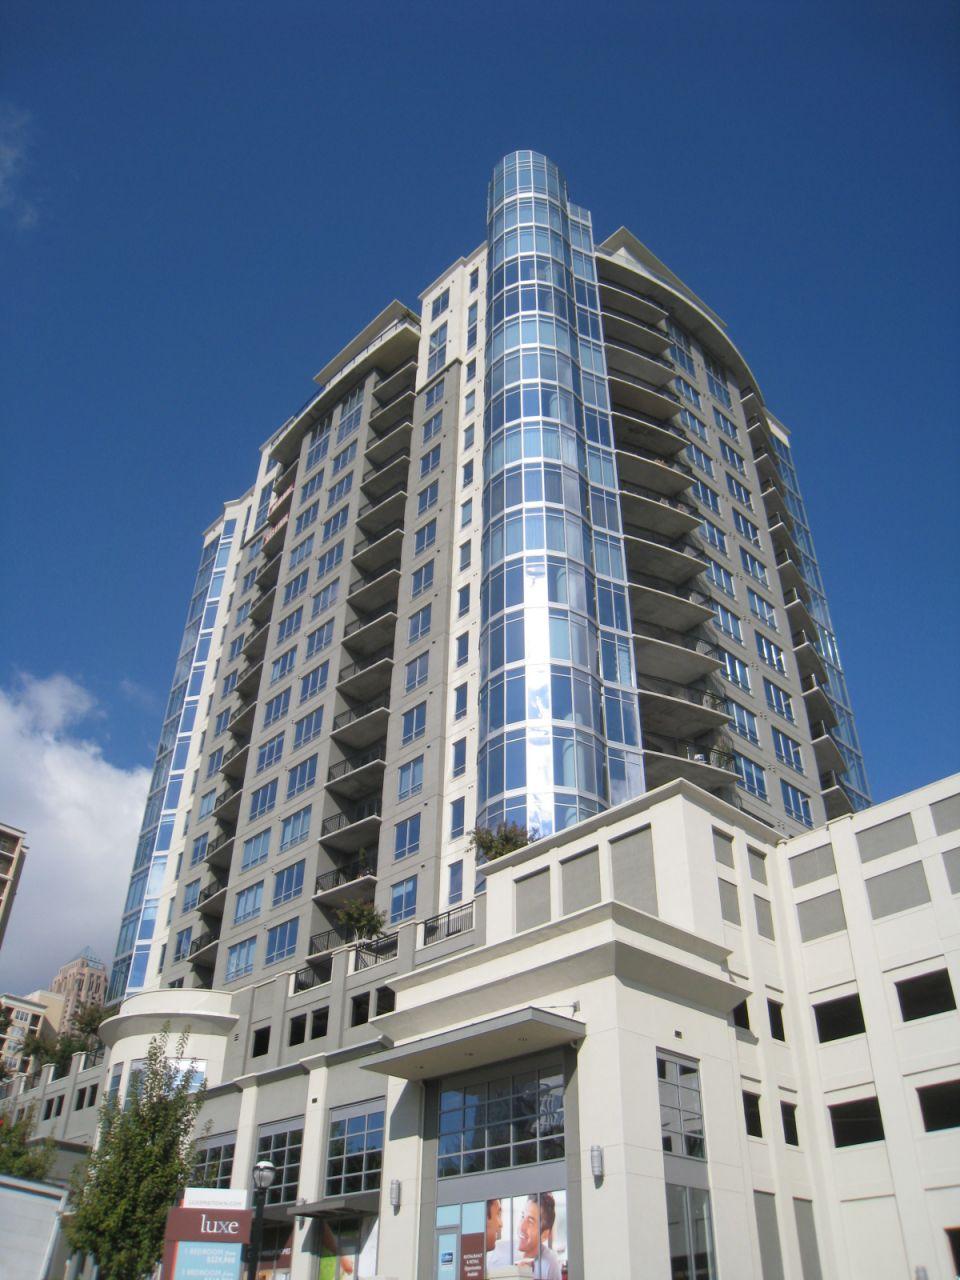 Luxe Midtown Atlanta Midtown Atlanta Condos For Sale